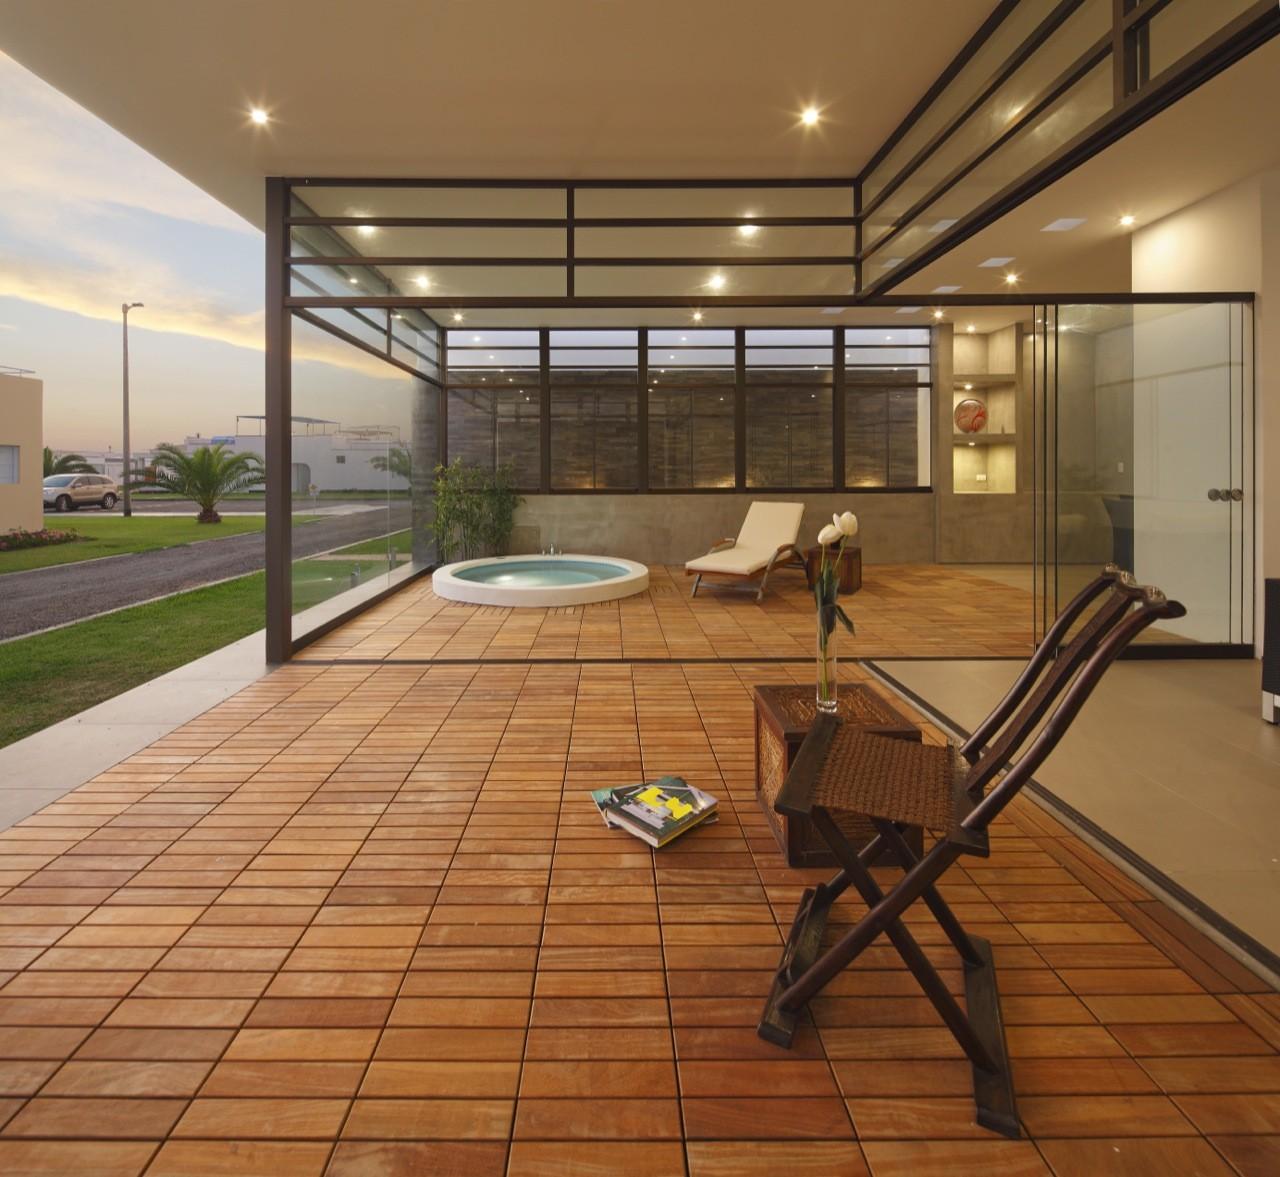 Zen House / Estudio Gómez de la Torre & Guerrero Arquitectos, © Juan Solano